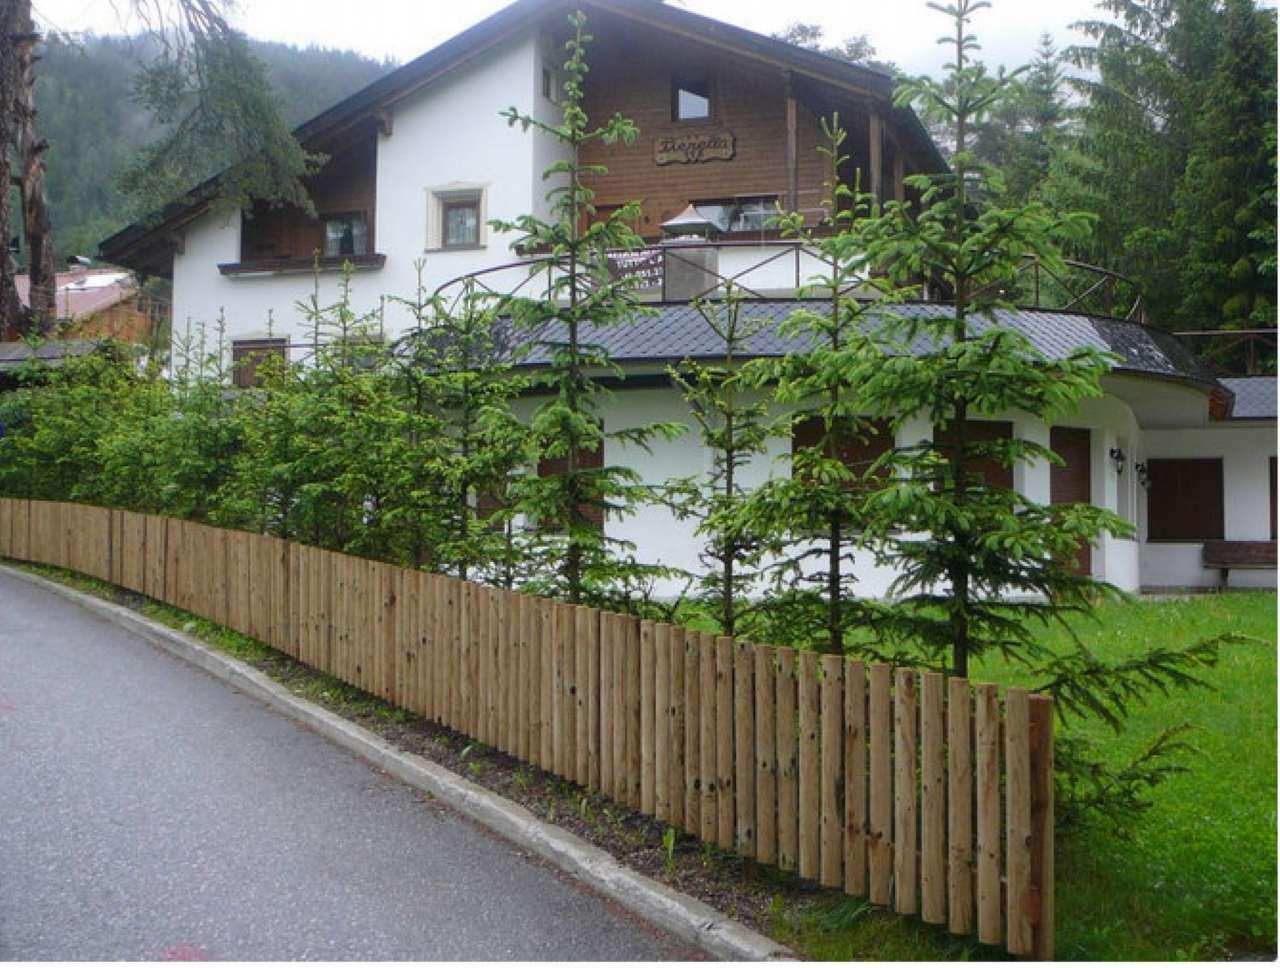 san virgilio di marebbe 3 camere 3 bagni giardino privato ingresso indipendete 2 posti auto